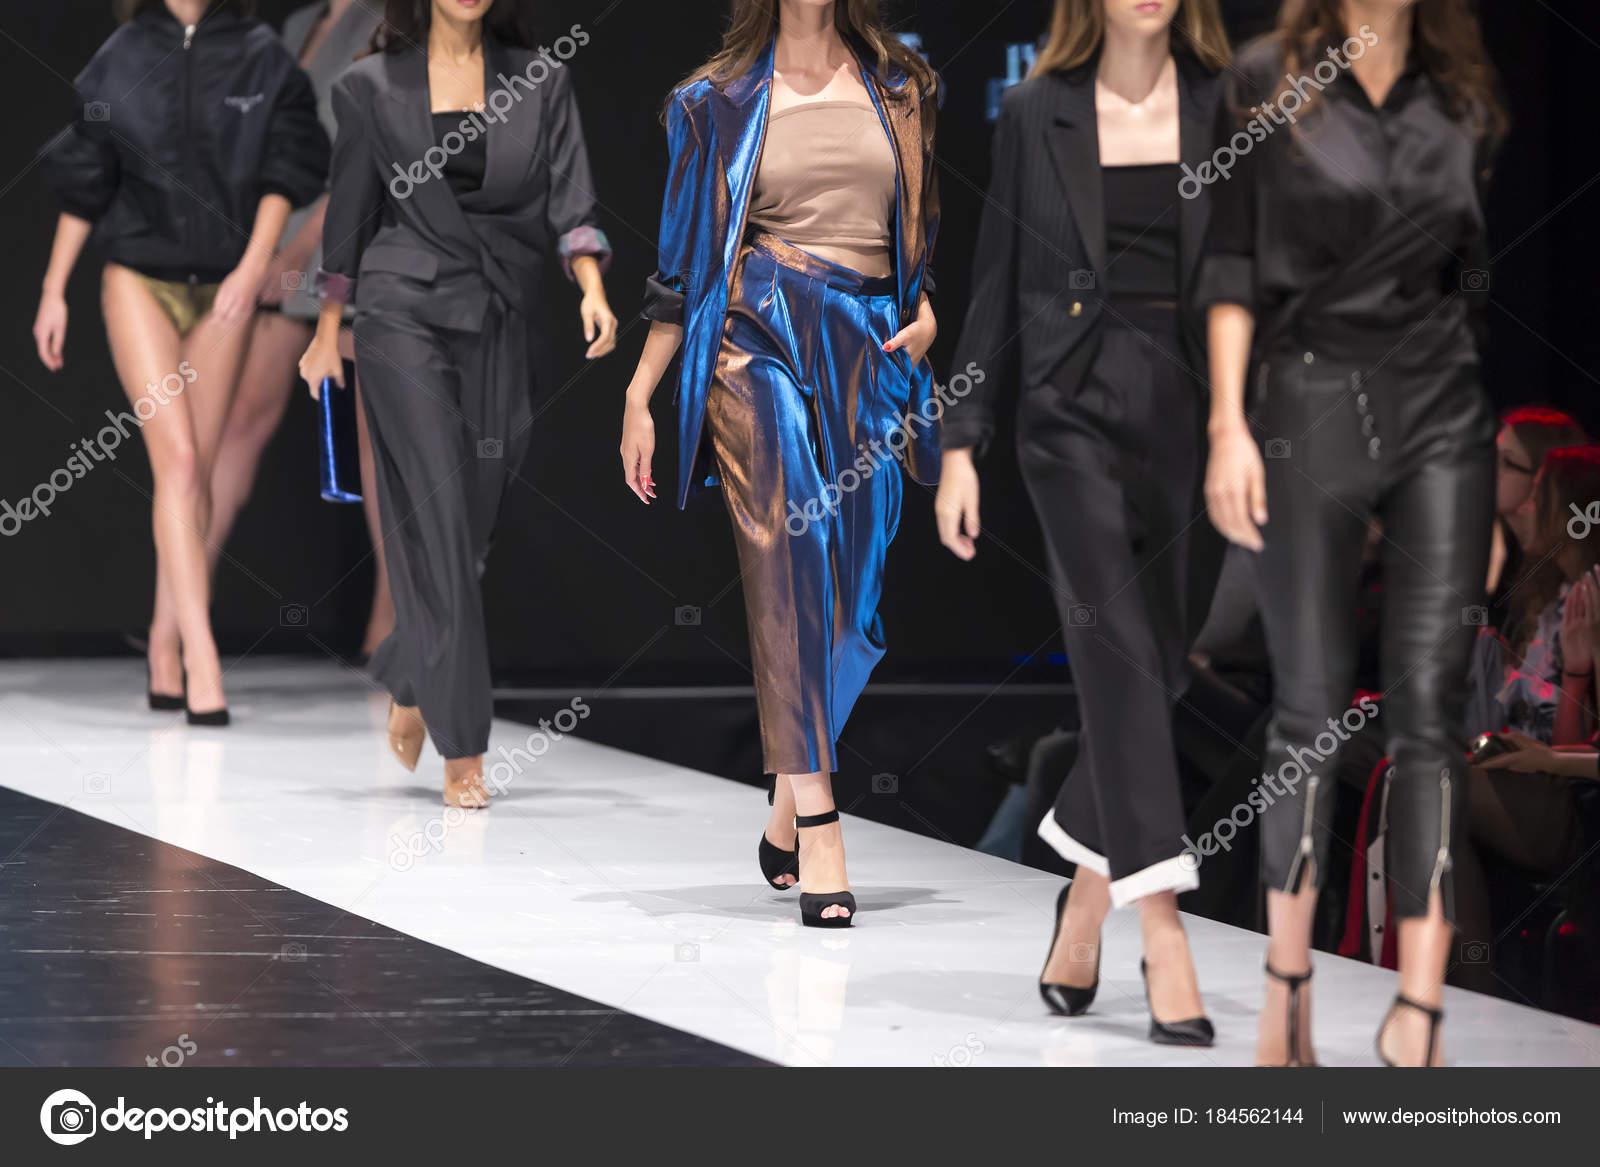 3436d93bb3 Modelos femininos andar pista em vestidos diferentes durante um desfile de  moda. Evento de moda passarela mostrando a nova coleção de roupas.